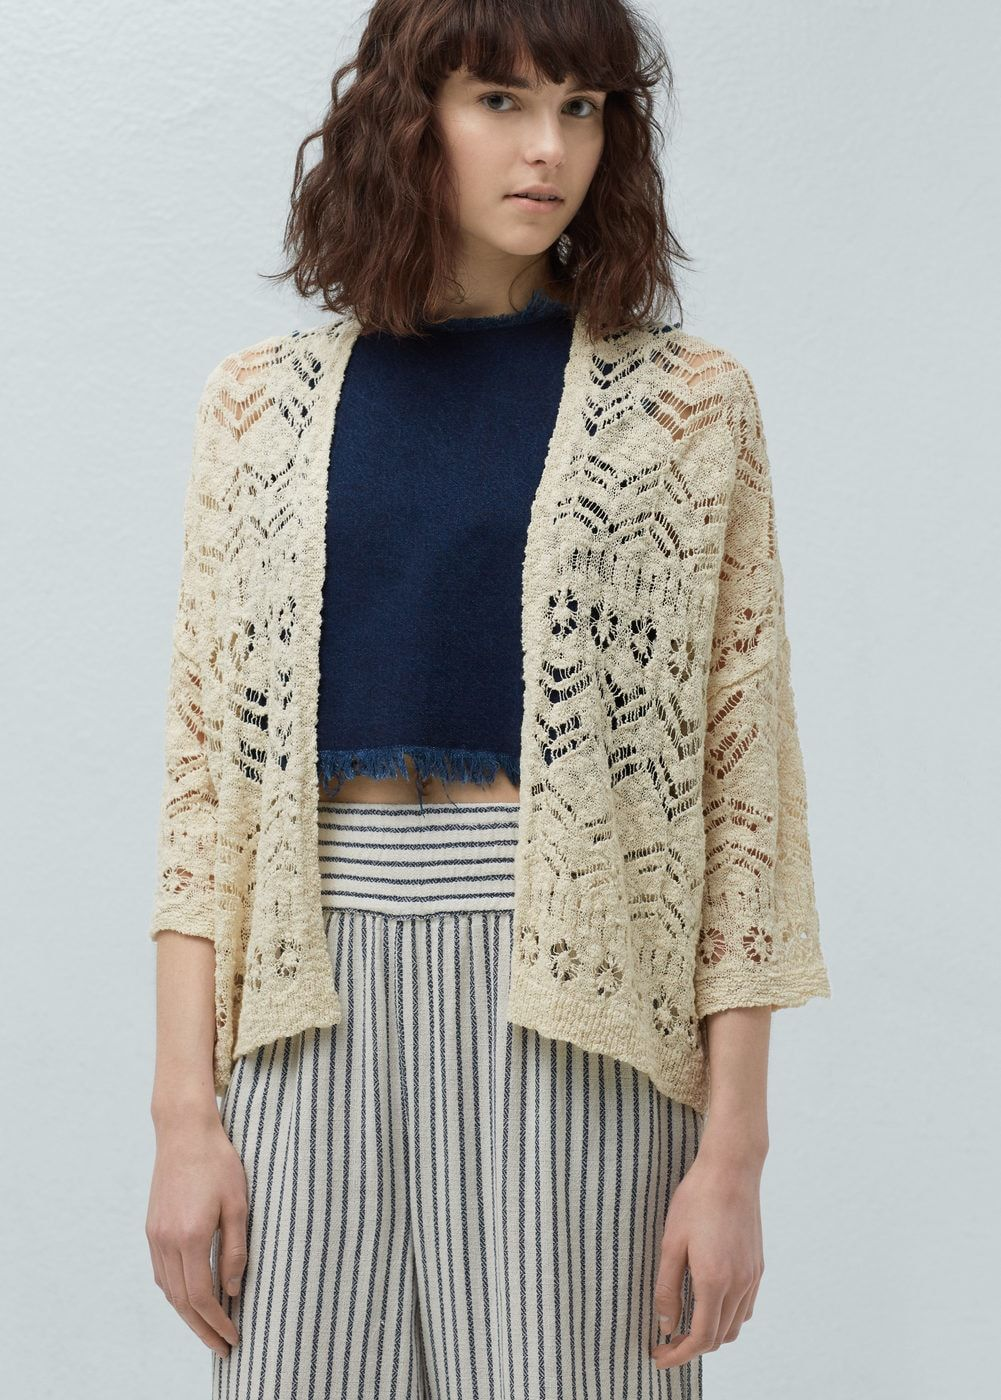 nueva procesos de tintura meticulosos gama exclusiva Cárdigan calado algodón - Mujer | ropa compras | Cotton ...